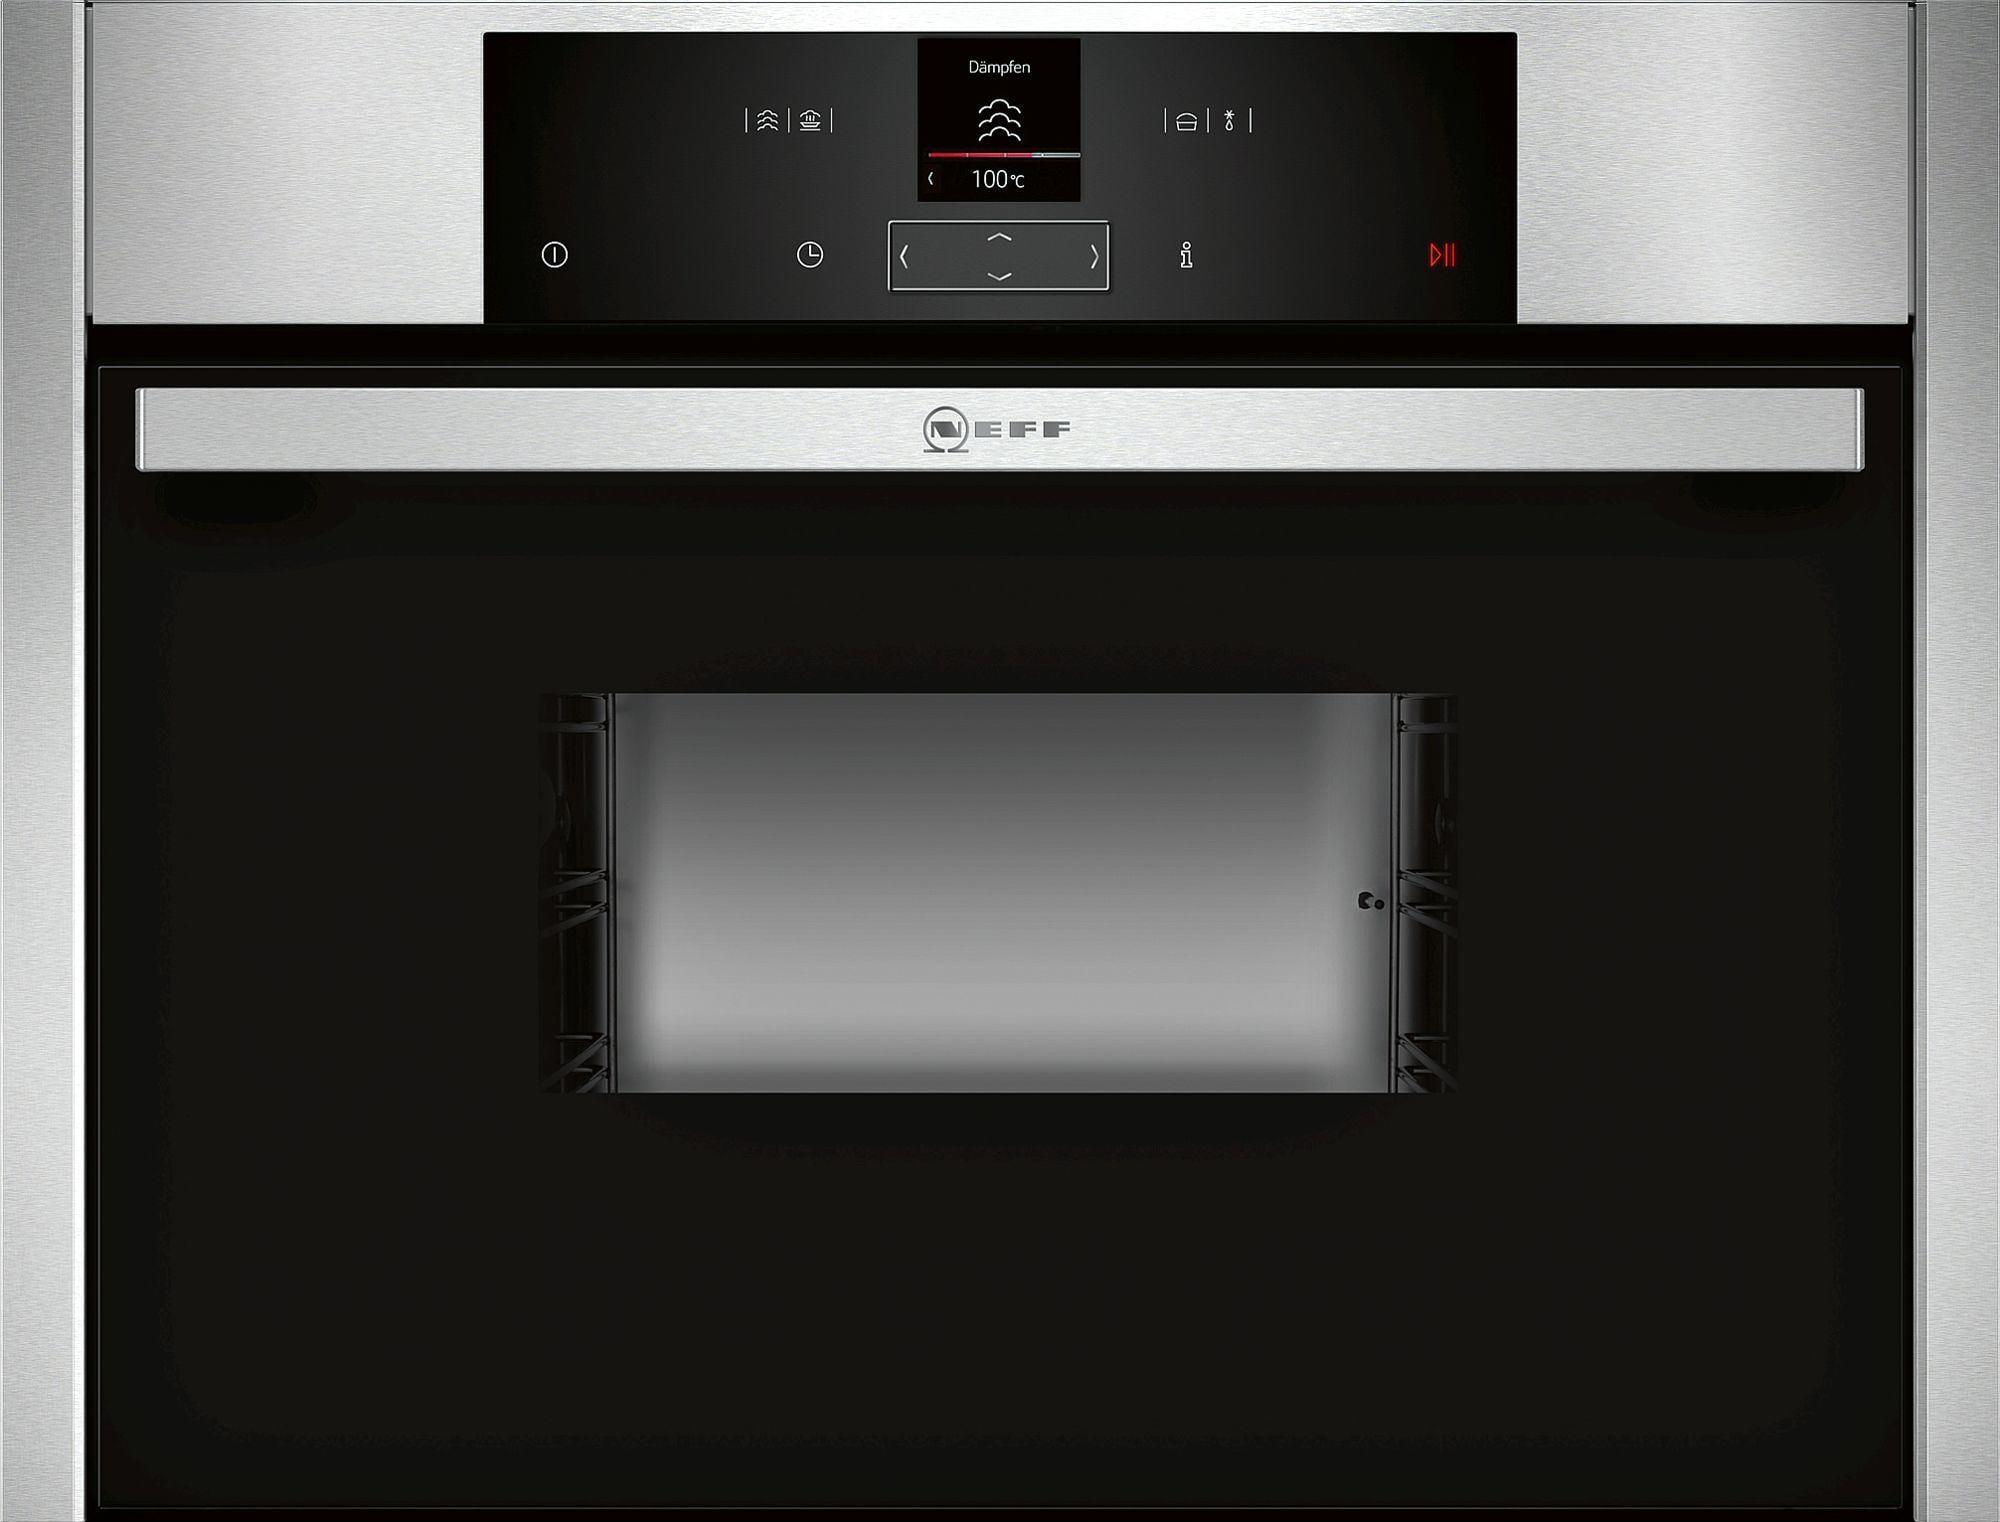 neff cdr1502n c15dr02n0 einbau kompaktdampfgarer von neff bei elektroshop wagner. Black Bedroom Furniture Sets. Home Design Ideas